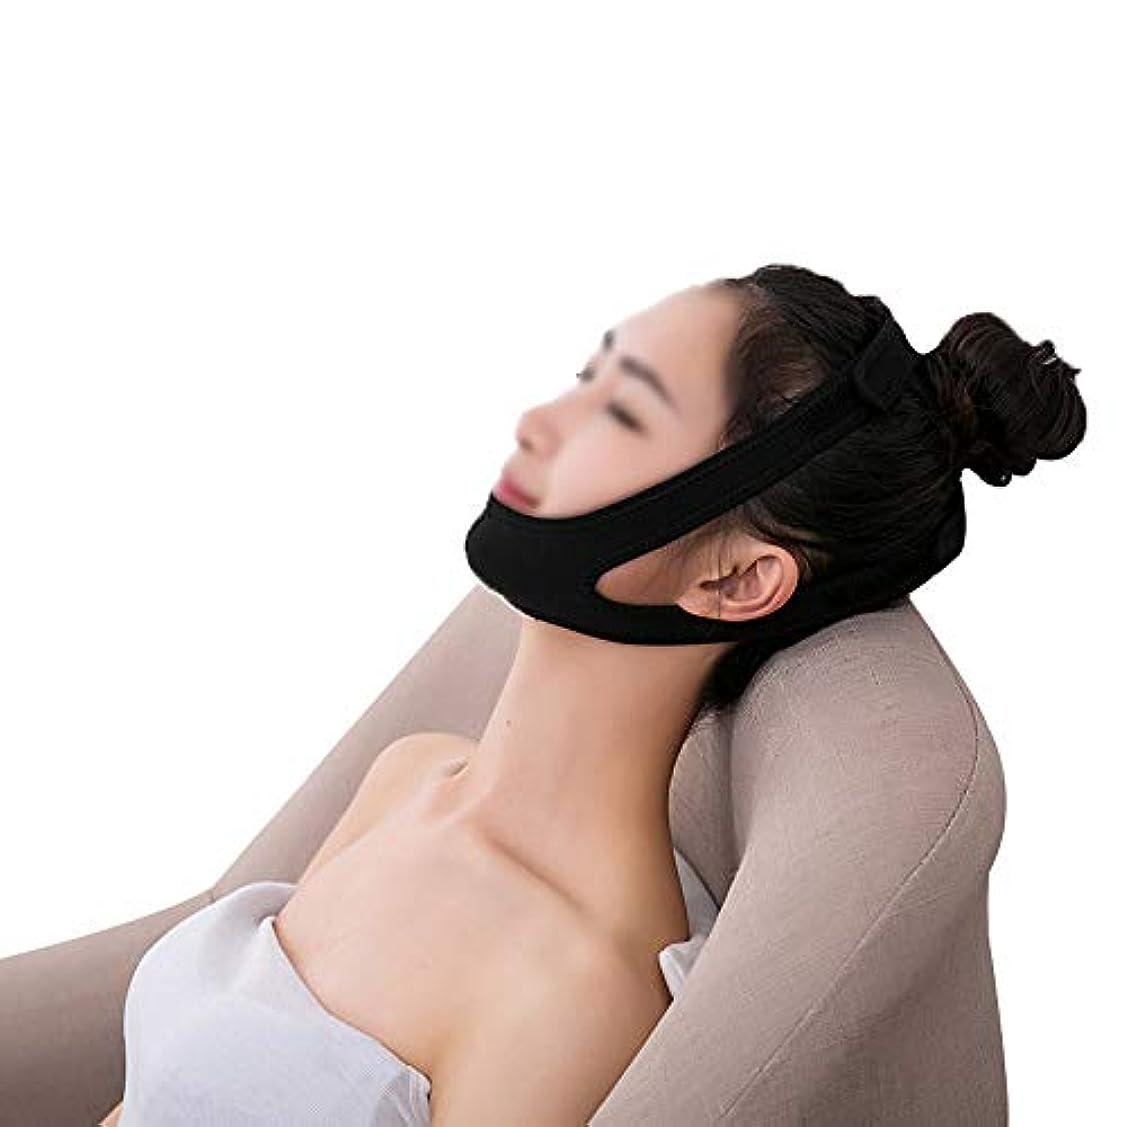 苦痛縮れた立方体GLJJQMY リフティングマスク家庭用包帯震えネット赤女性vフェイスステッカーショルダーストラップ表面アーティファクト後引き締めマスク 顔用整形マスク